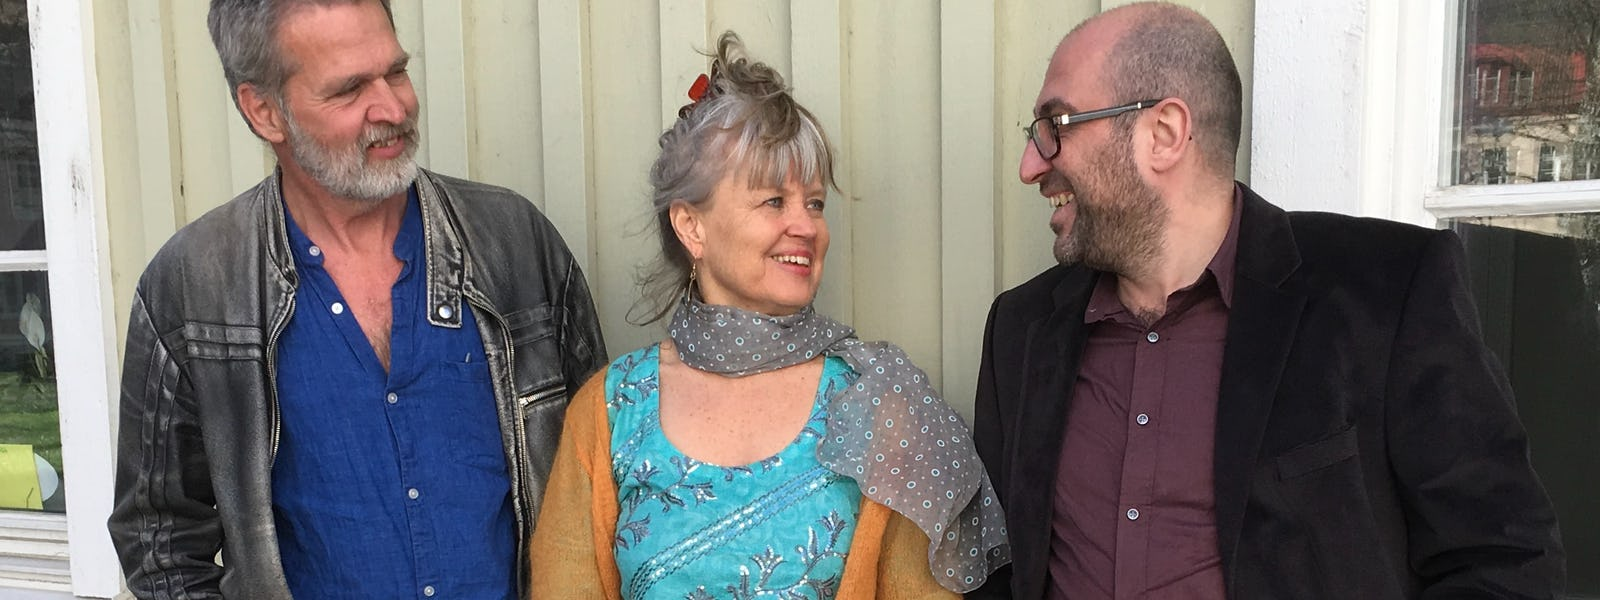 Bild - NÀAM & IRENE TROTZIG Musik och måleri i möte